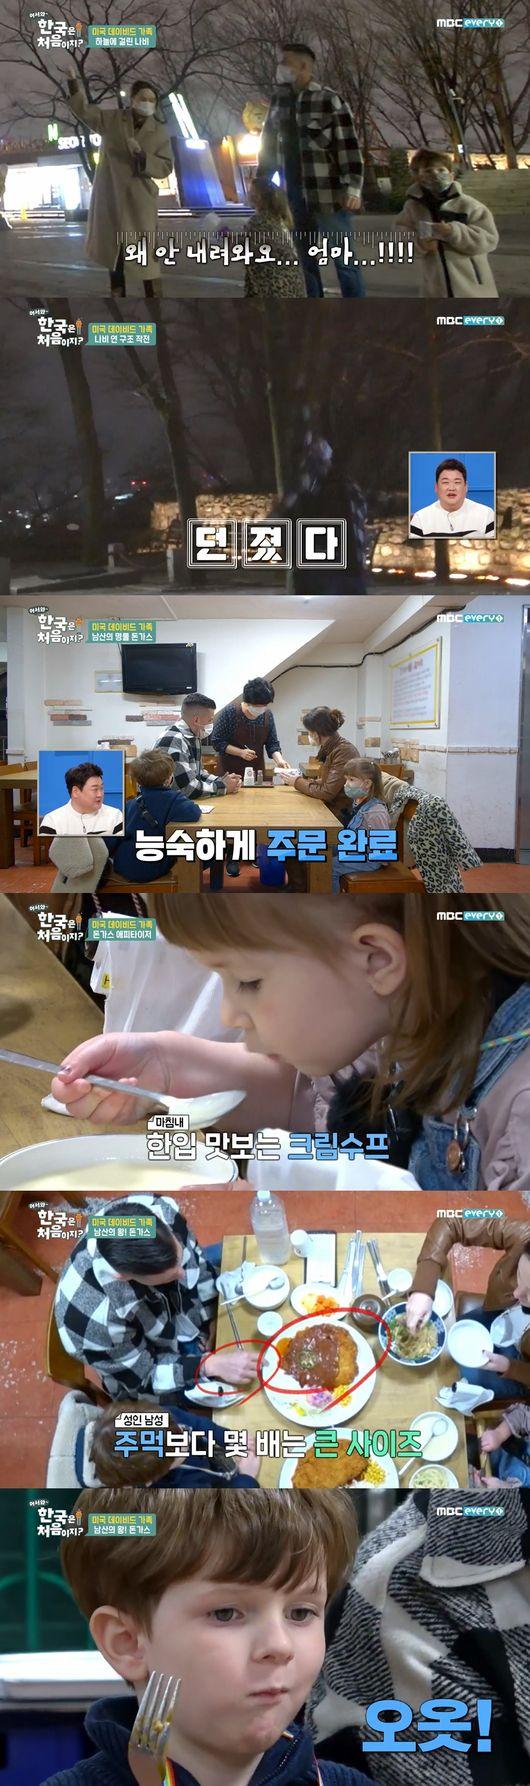 어서와 한국은 빌푸, 대구 10味 도전! 찜갈비, 쏘굿!…데이비드家, 한국에서 새해맞이 [종합]